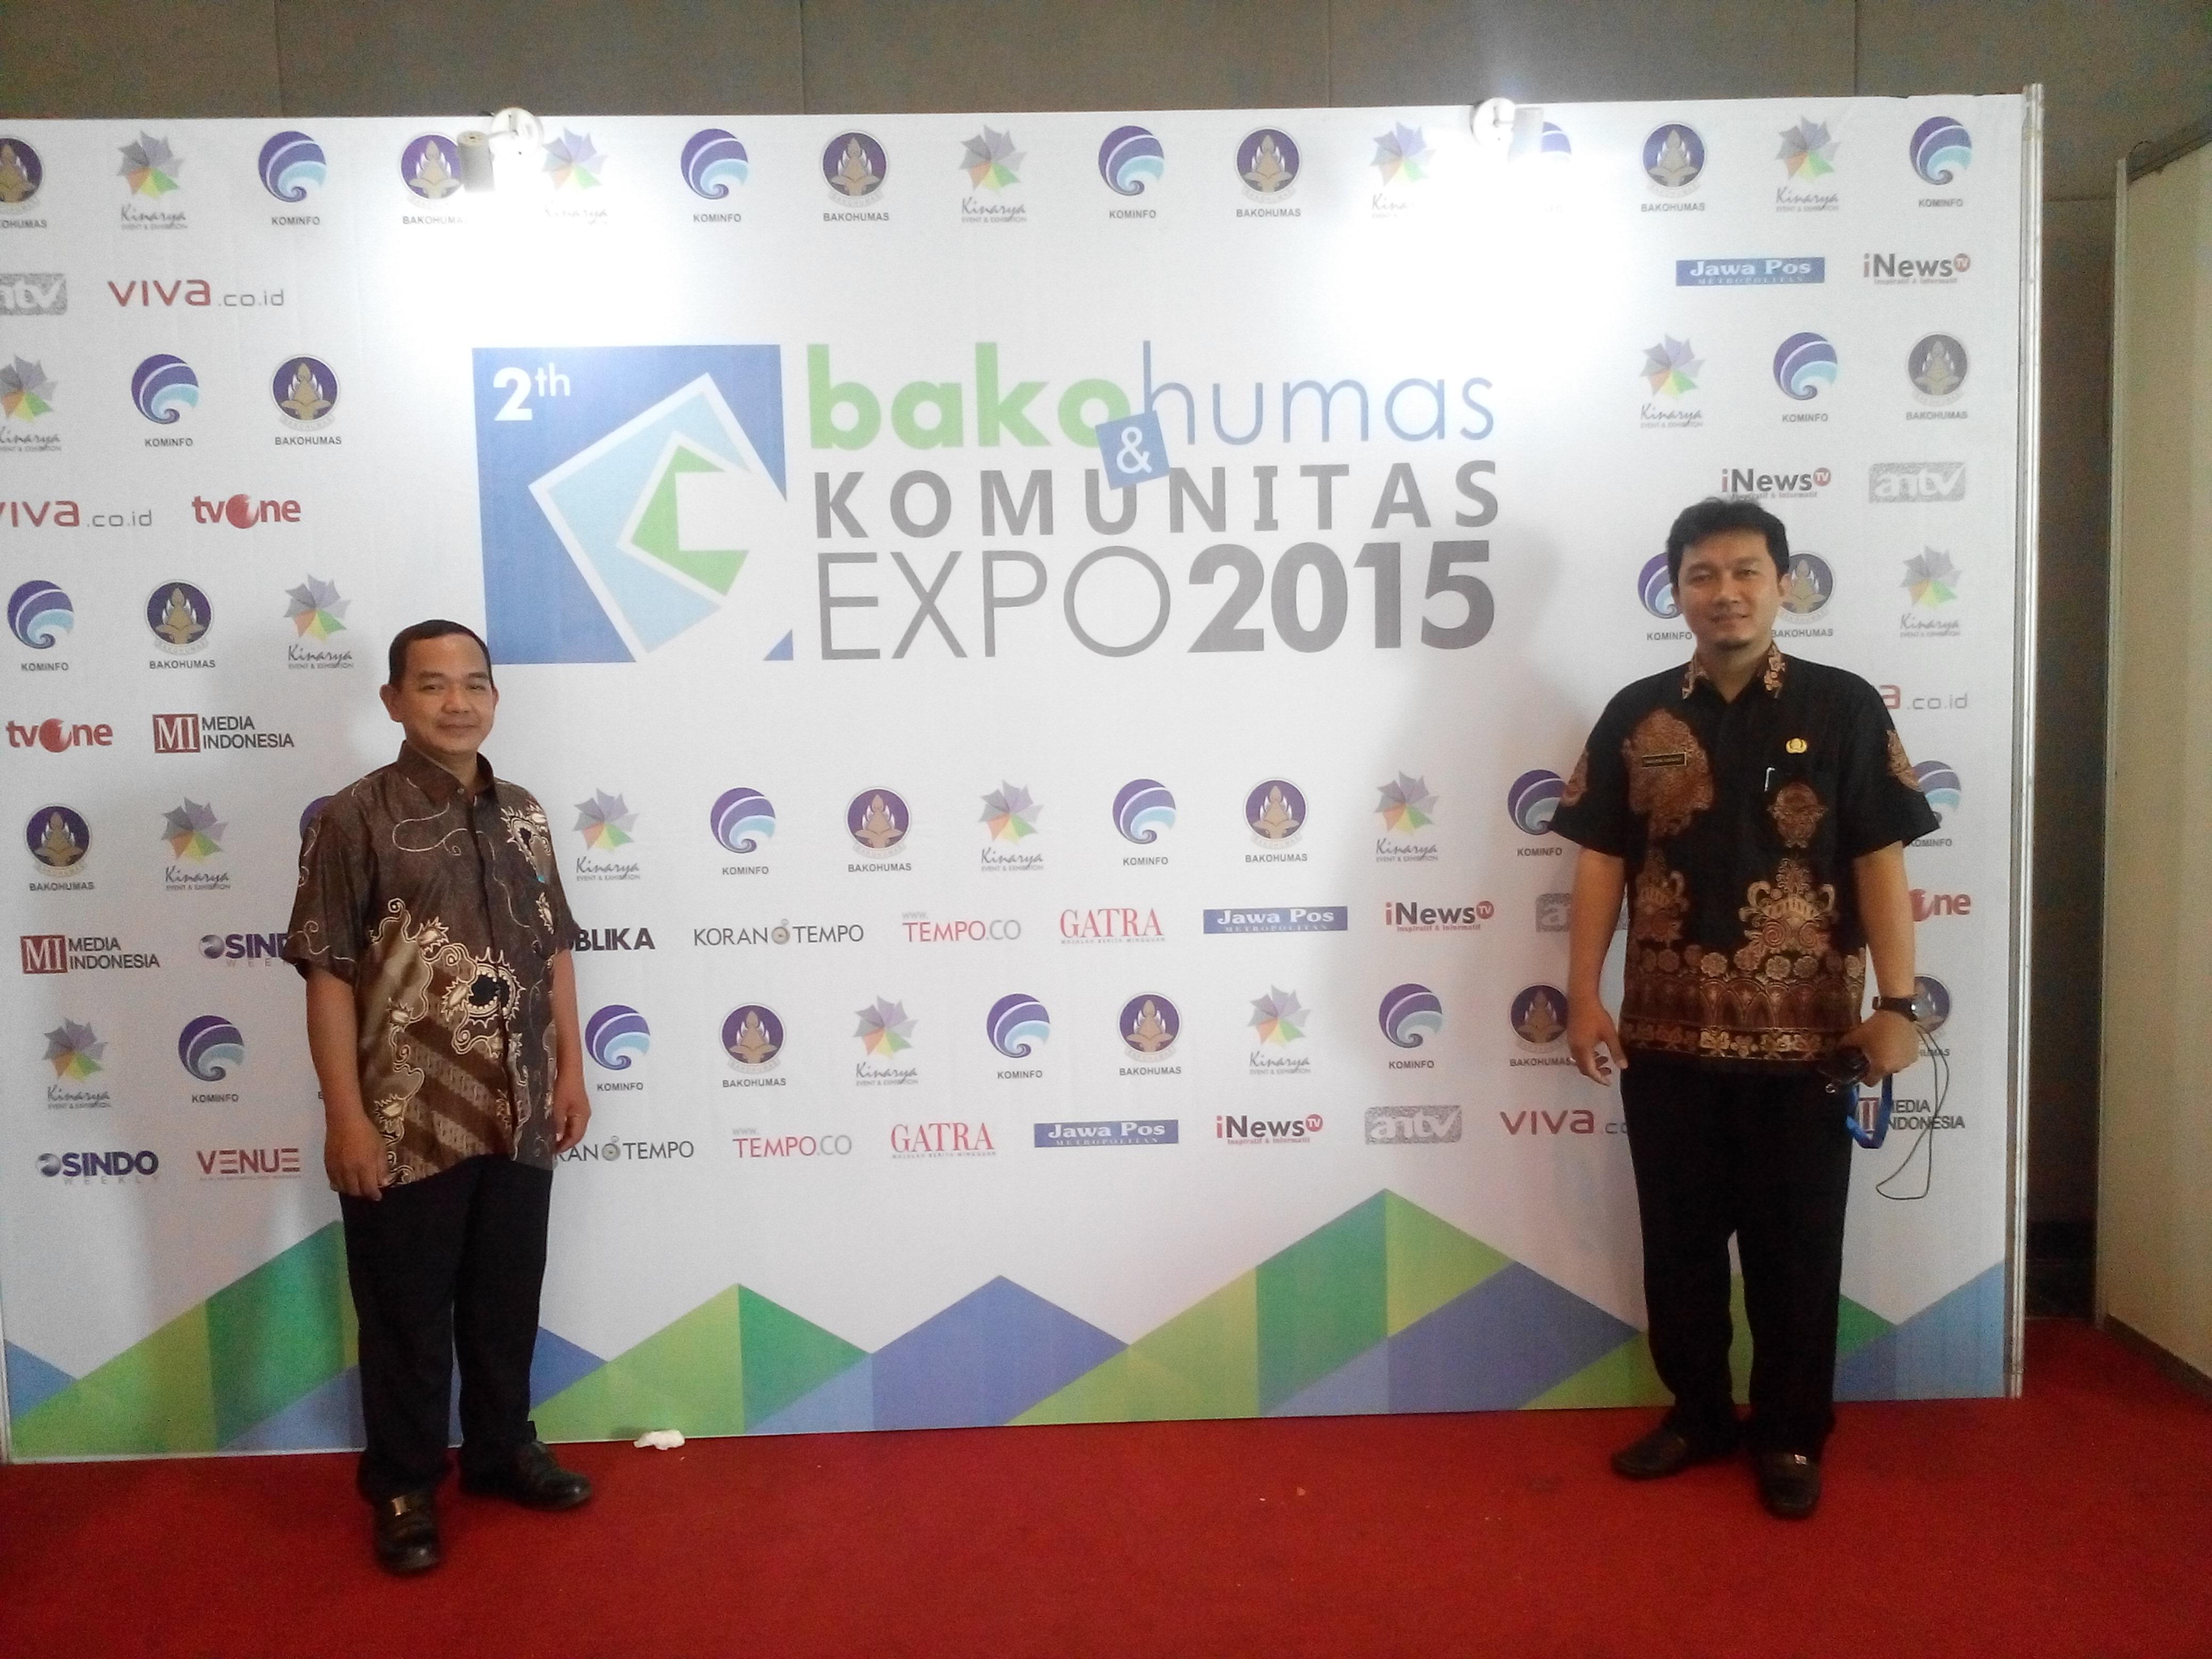 Temu Bakohumas dan Komunitas Expo 2015 di Surabaya